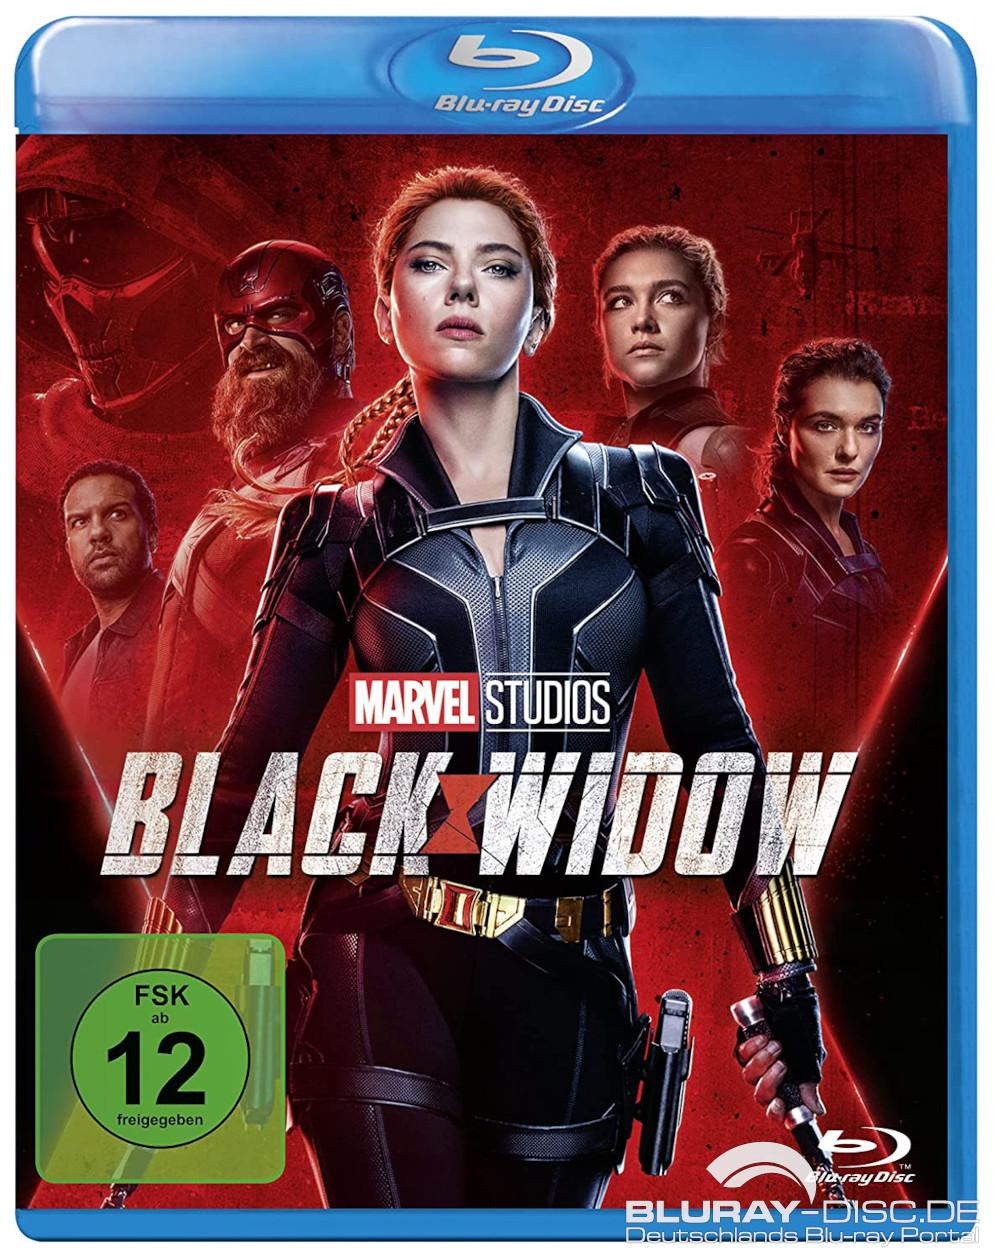 Black-Widow-Packshot-Galerie-02.jpg